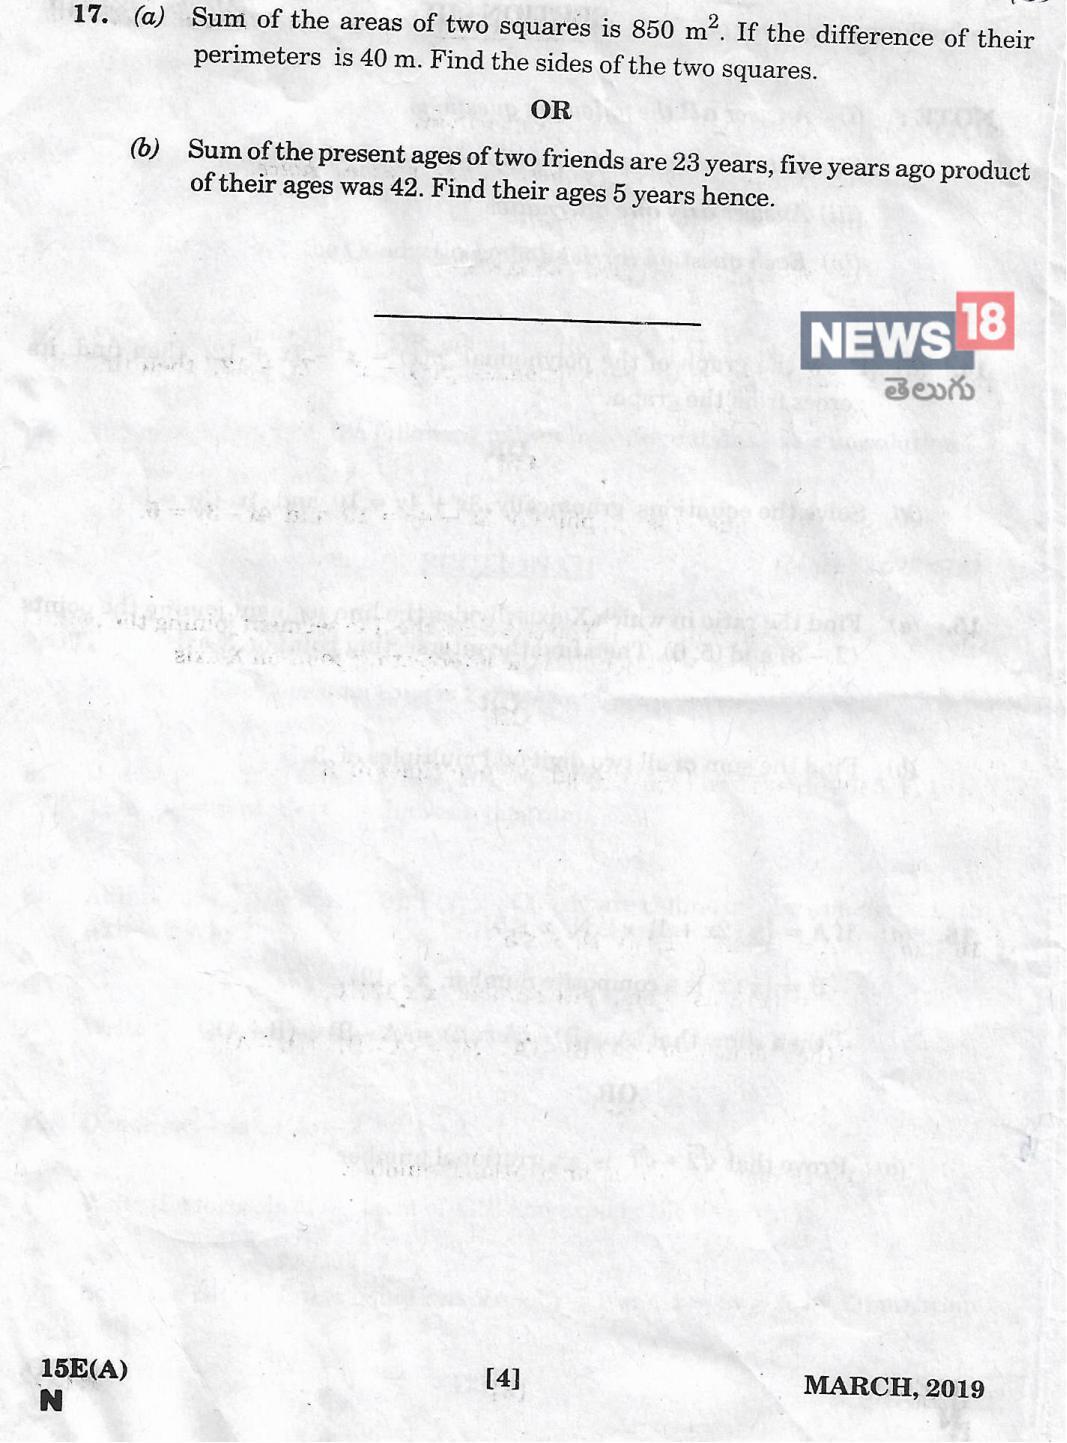 మ్యాథ్స్ పేపర్ 1(2019) ఇంగ్లిష్ మీడియం